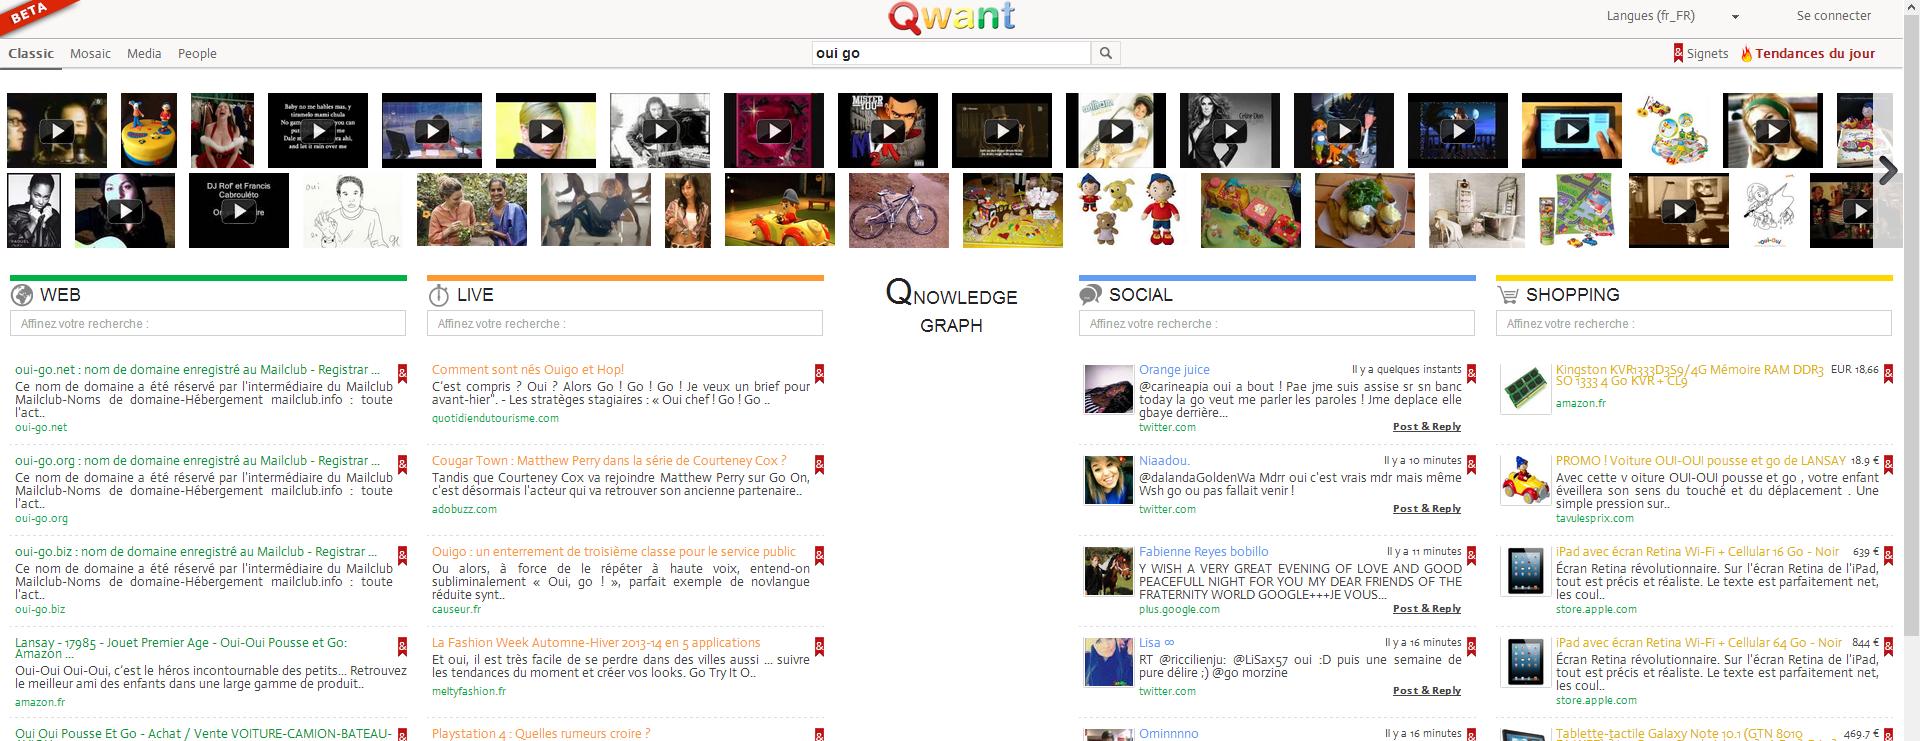 """La recherche """"oui go"""" sur Qwant"""